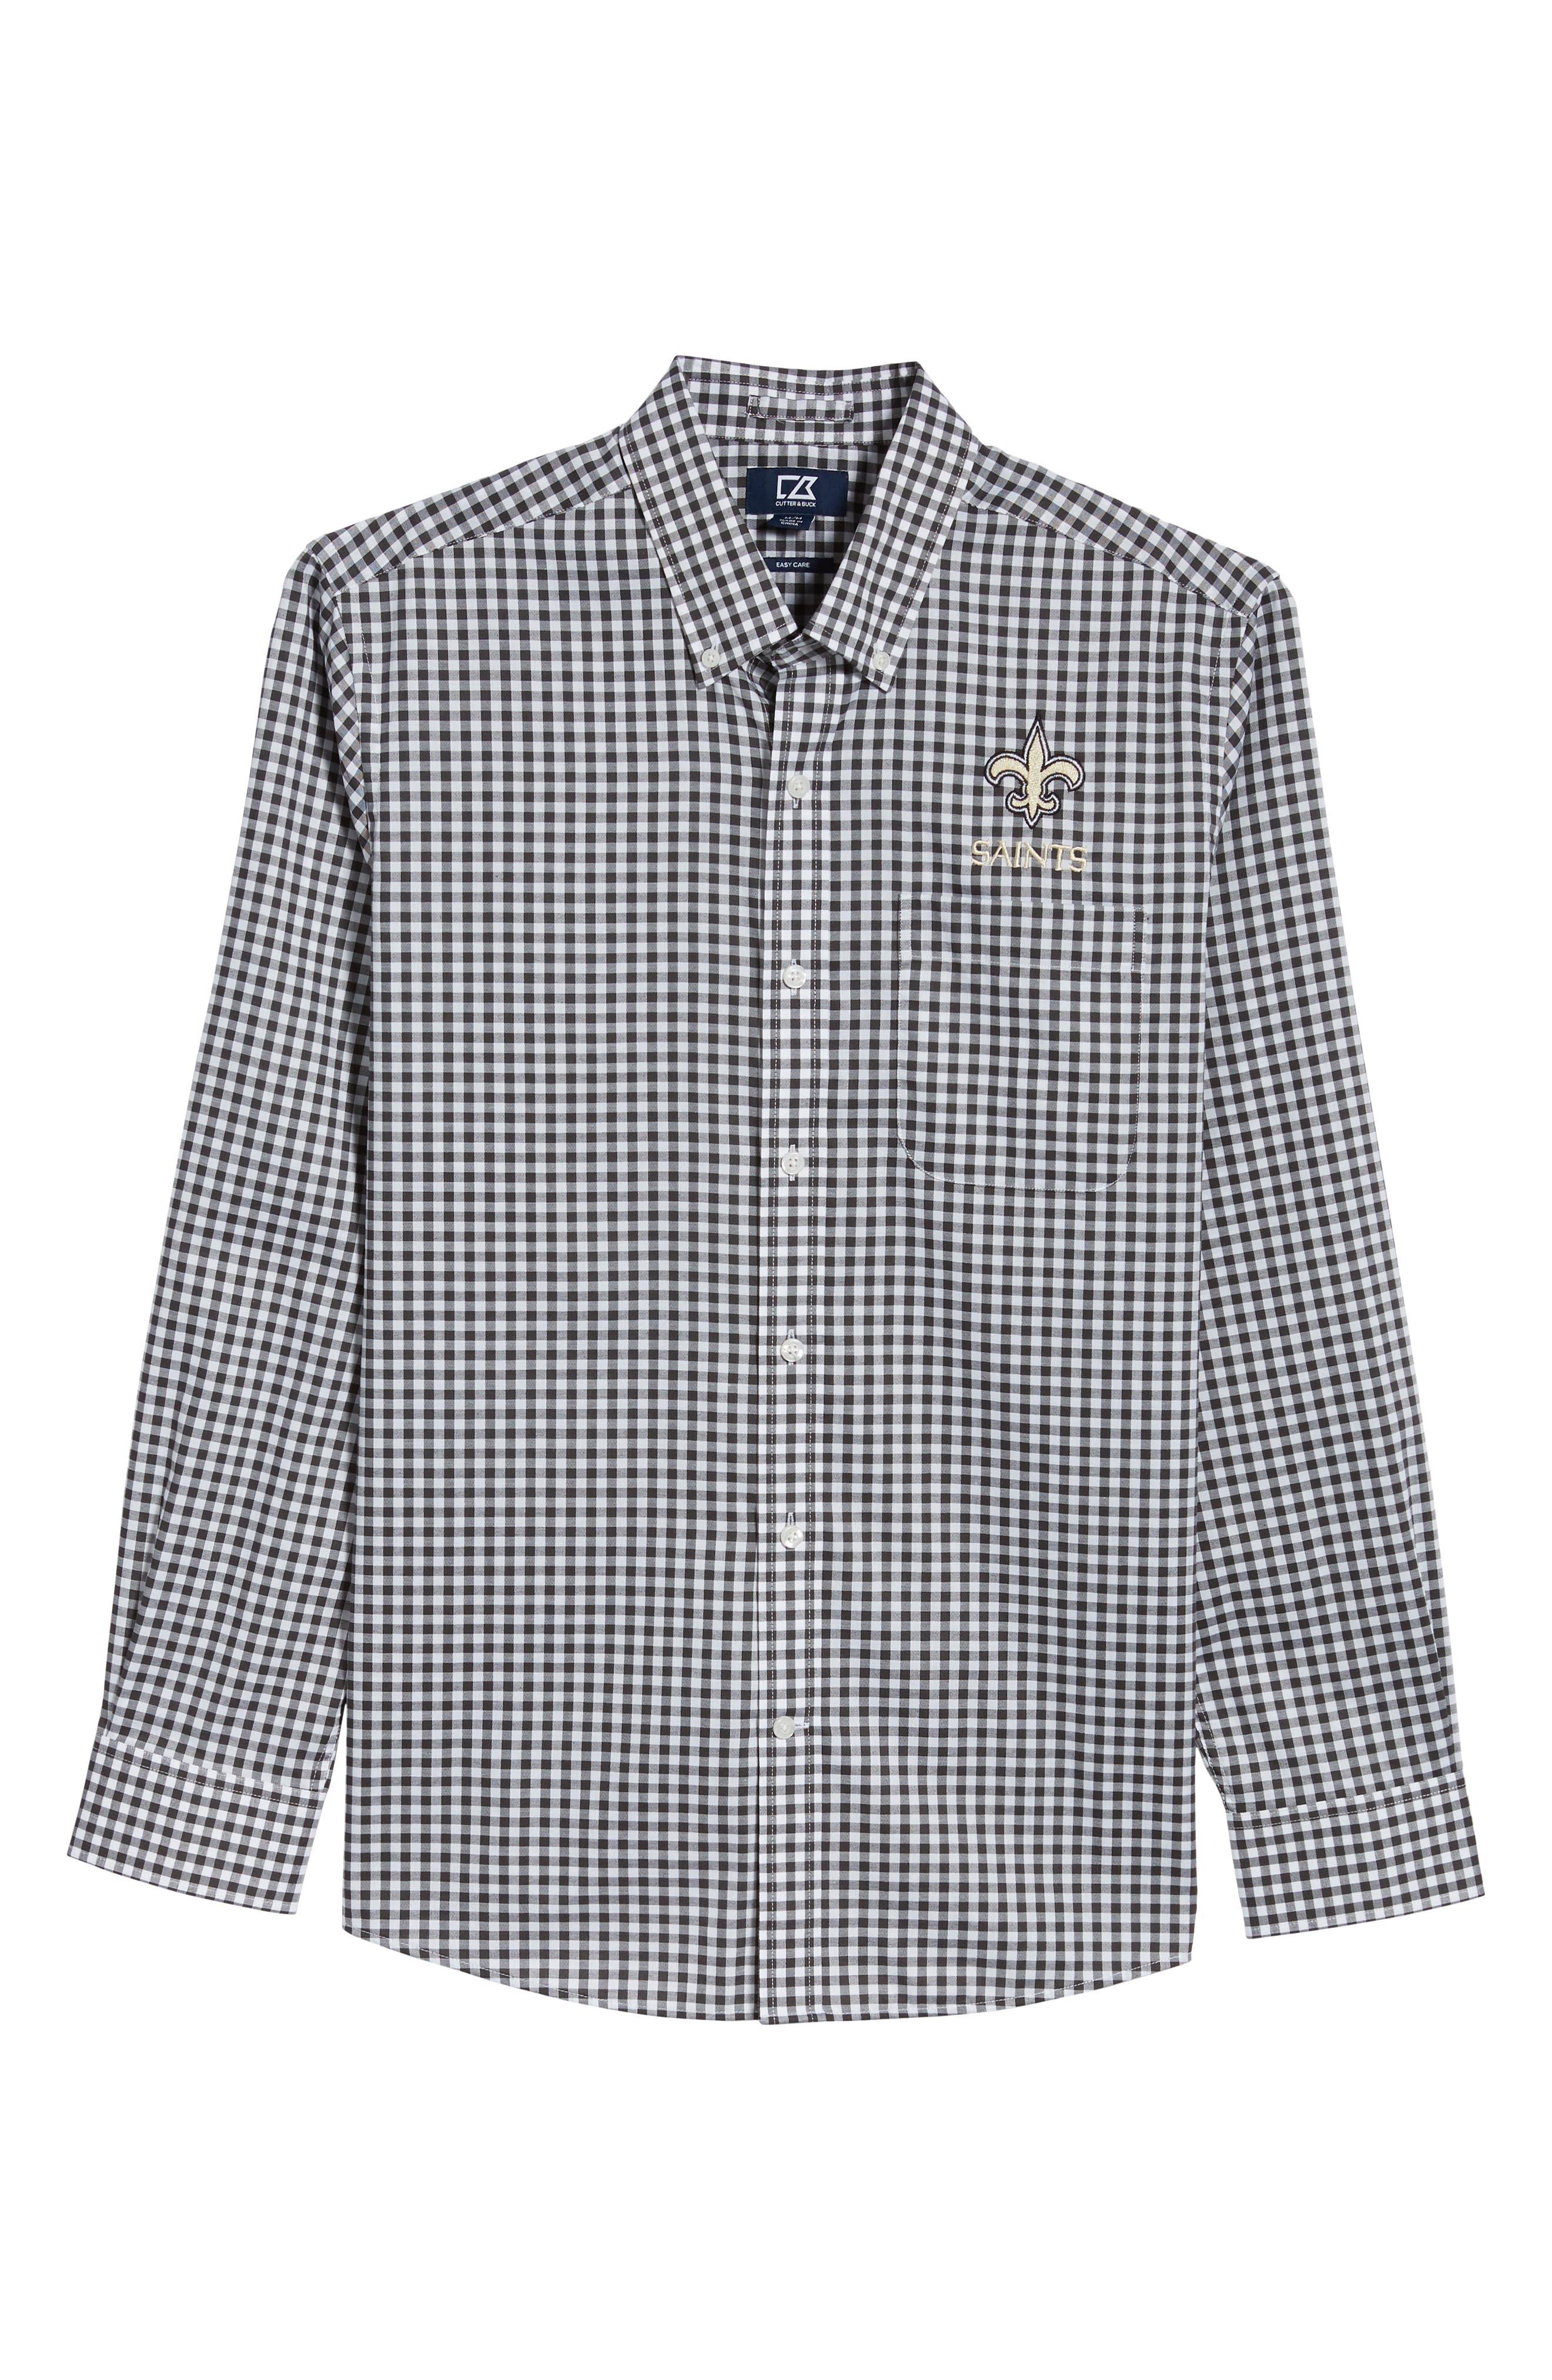 League New Orleans Saints Regular Fit Shirt,                             Alternate thumbnail 6, color,                             CHARCOAL